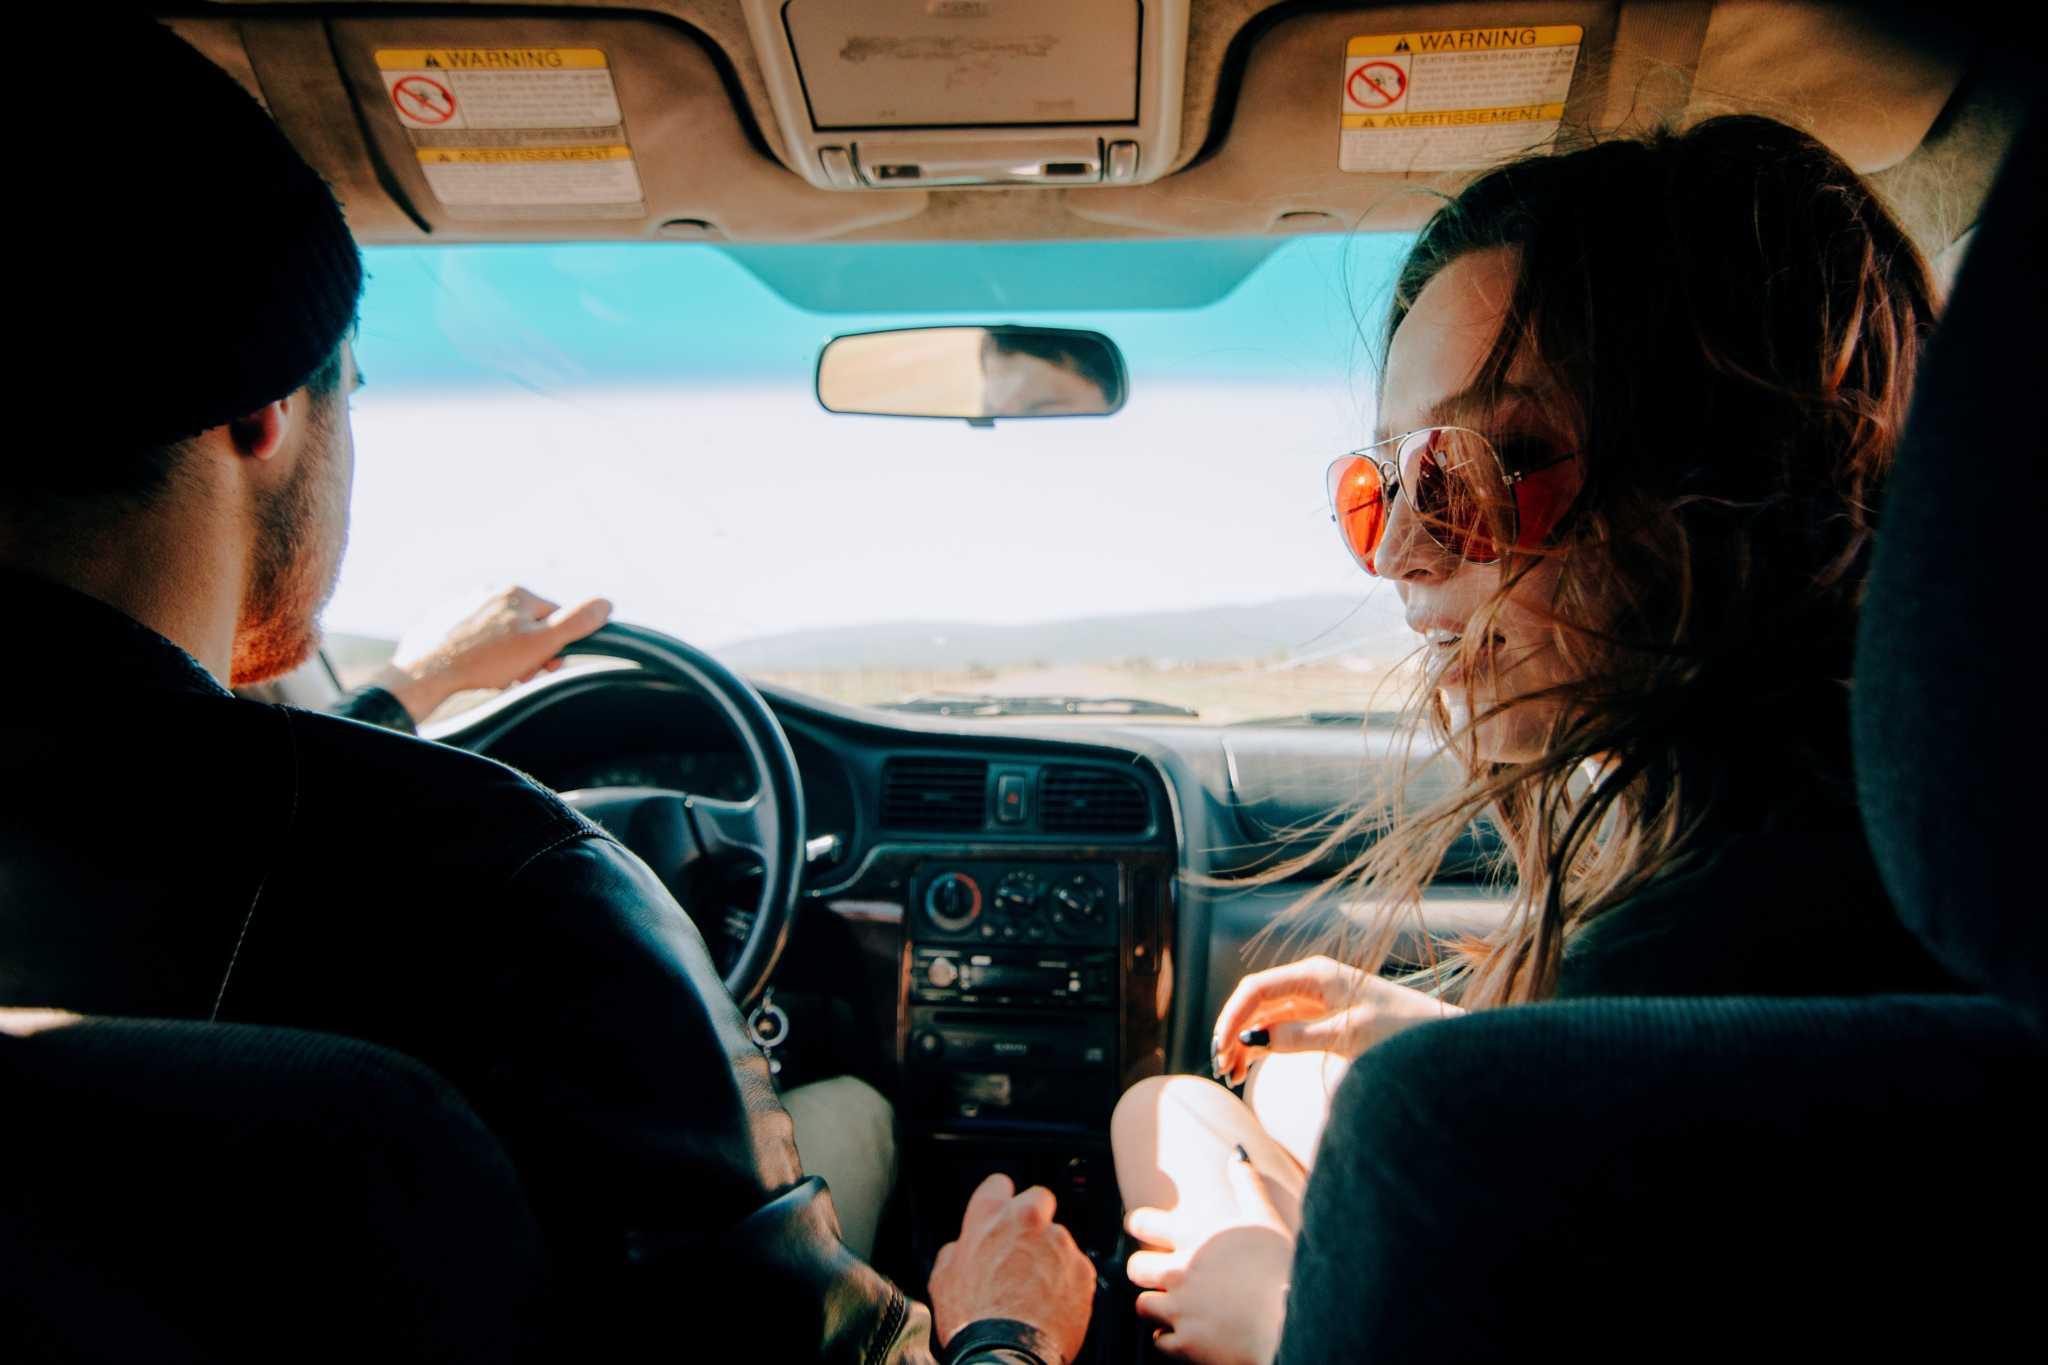 jobem casal, em viagem no seu automóvel, bem dispostos, a aproveitar a viagem